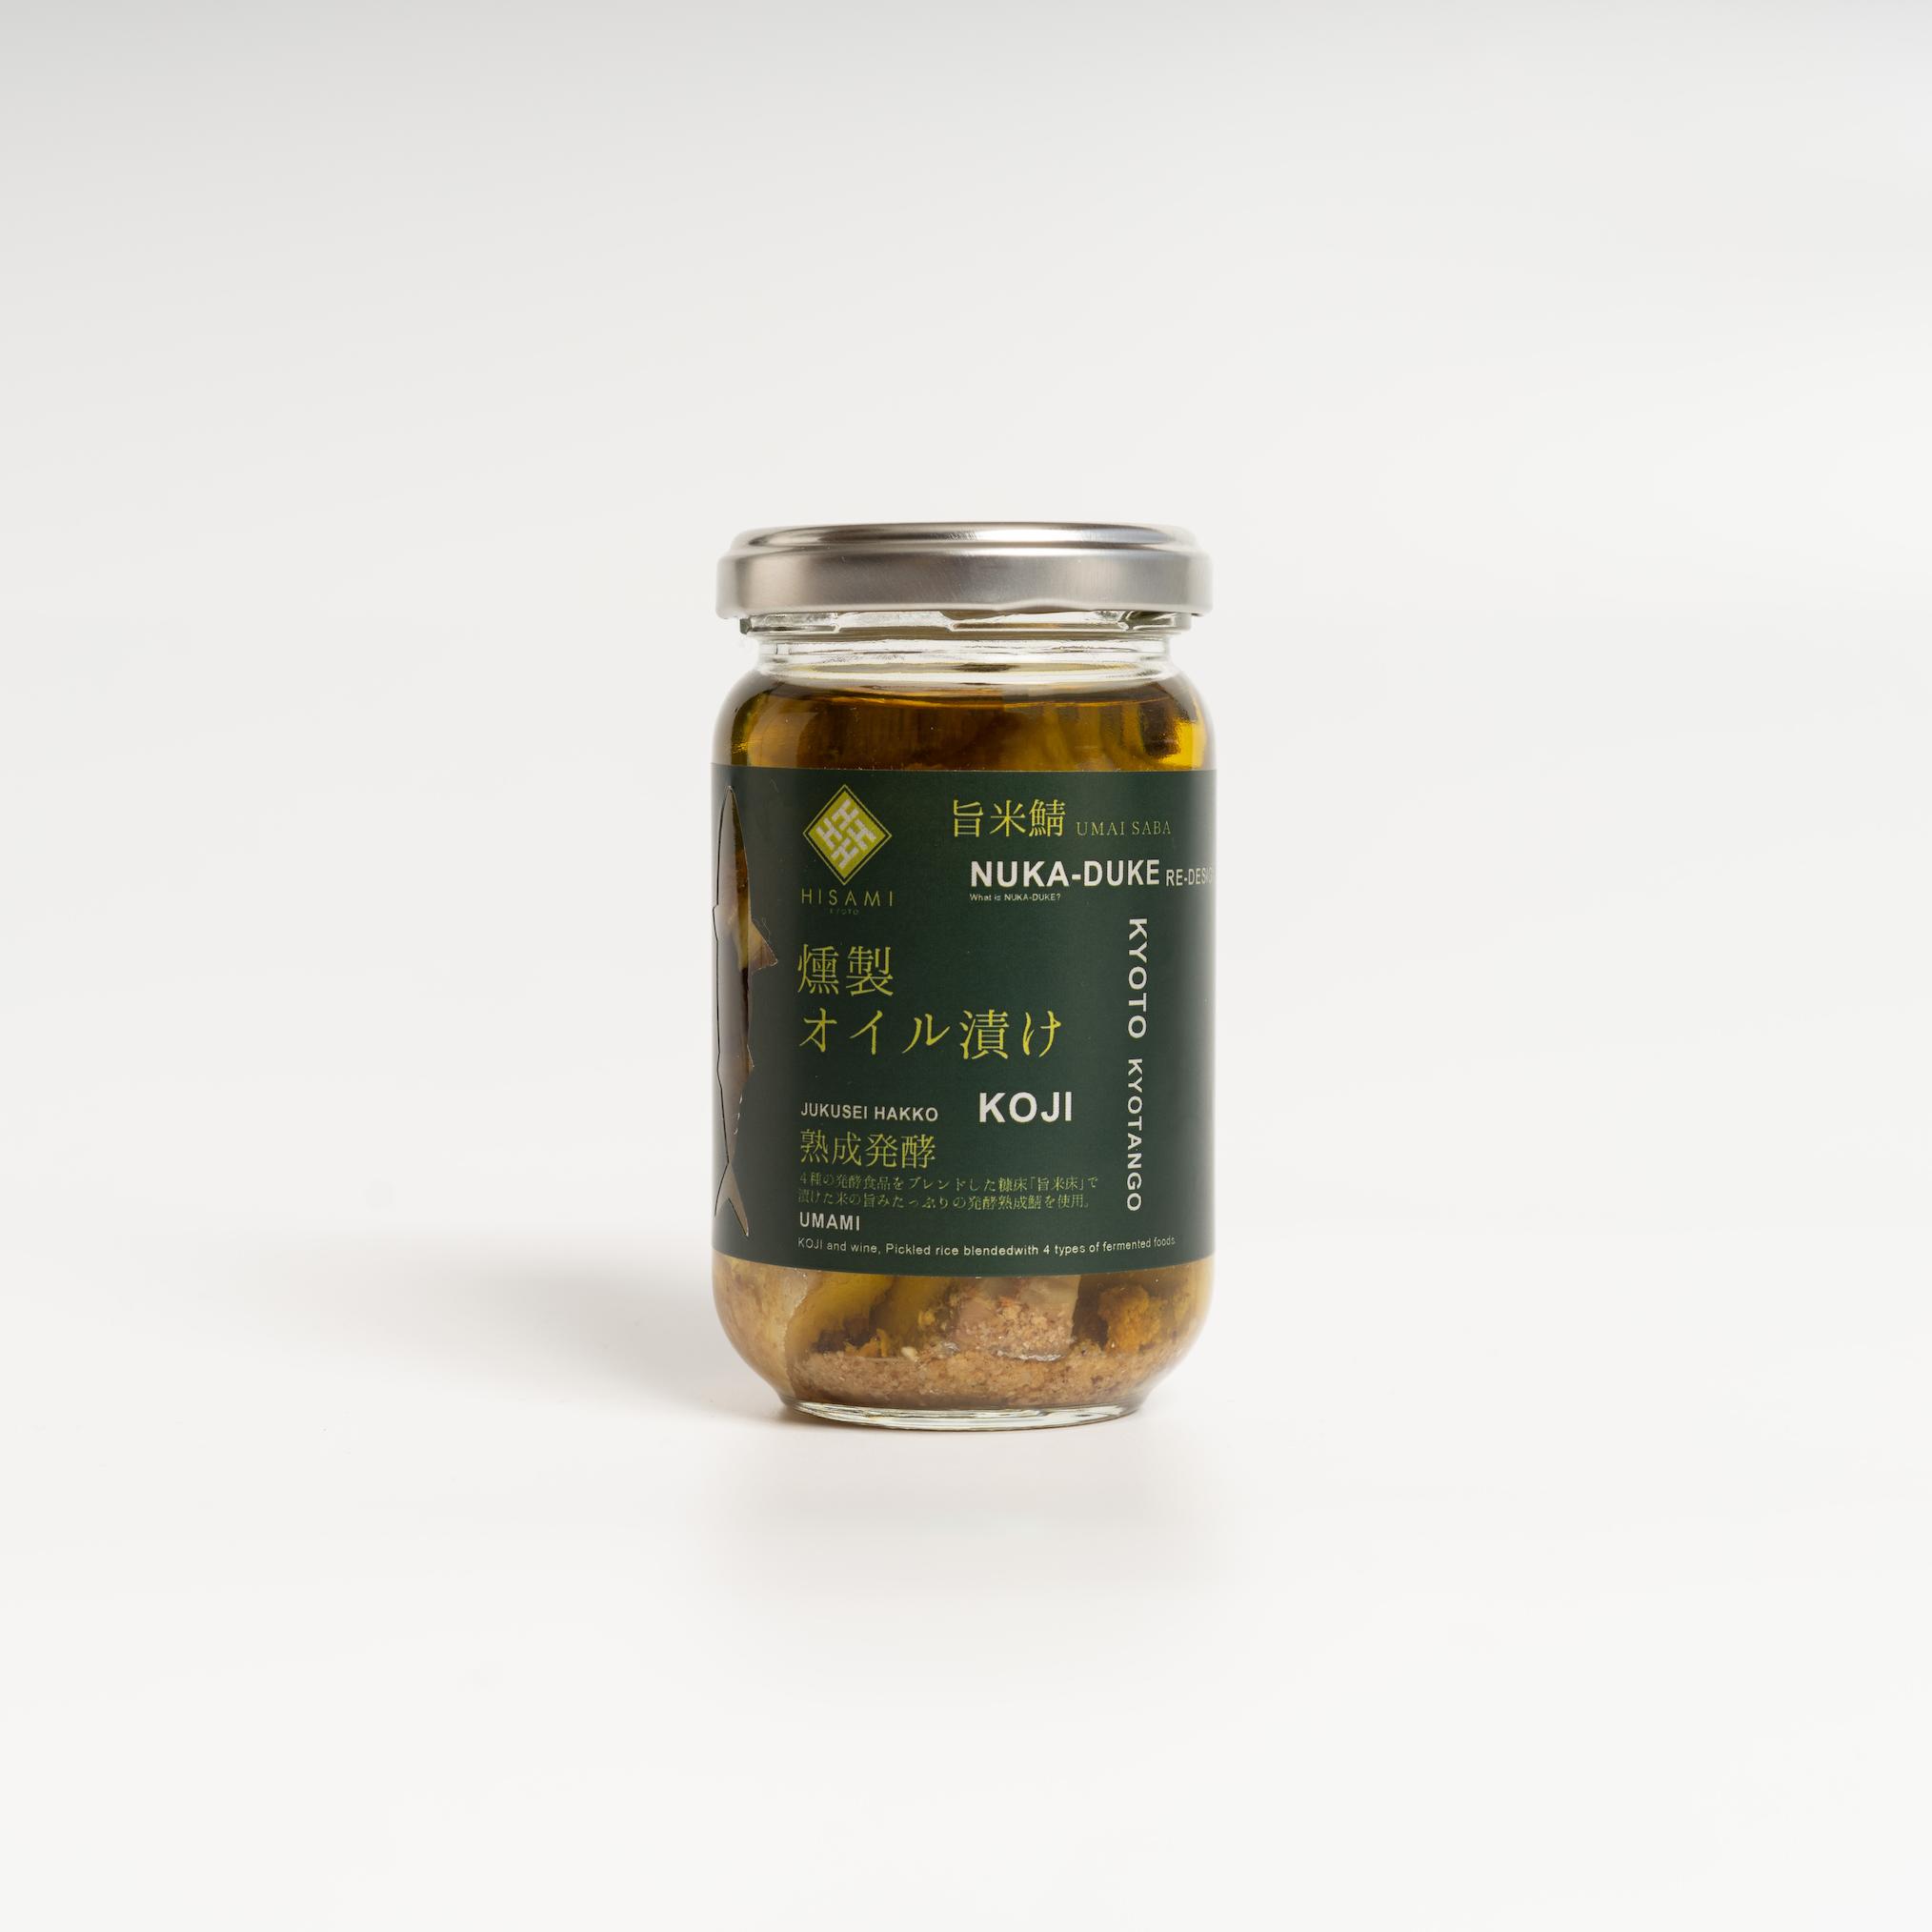 旨米鯖の燻製オイル漬け